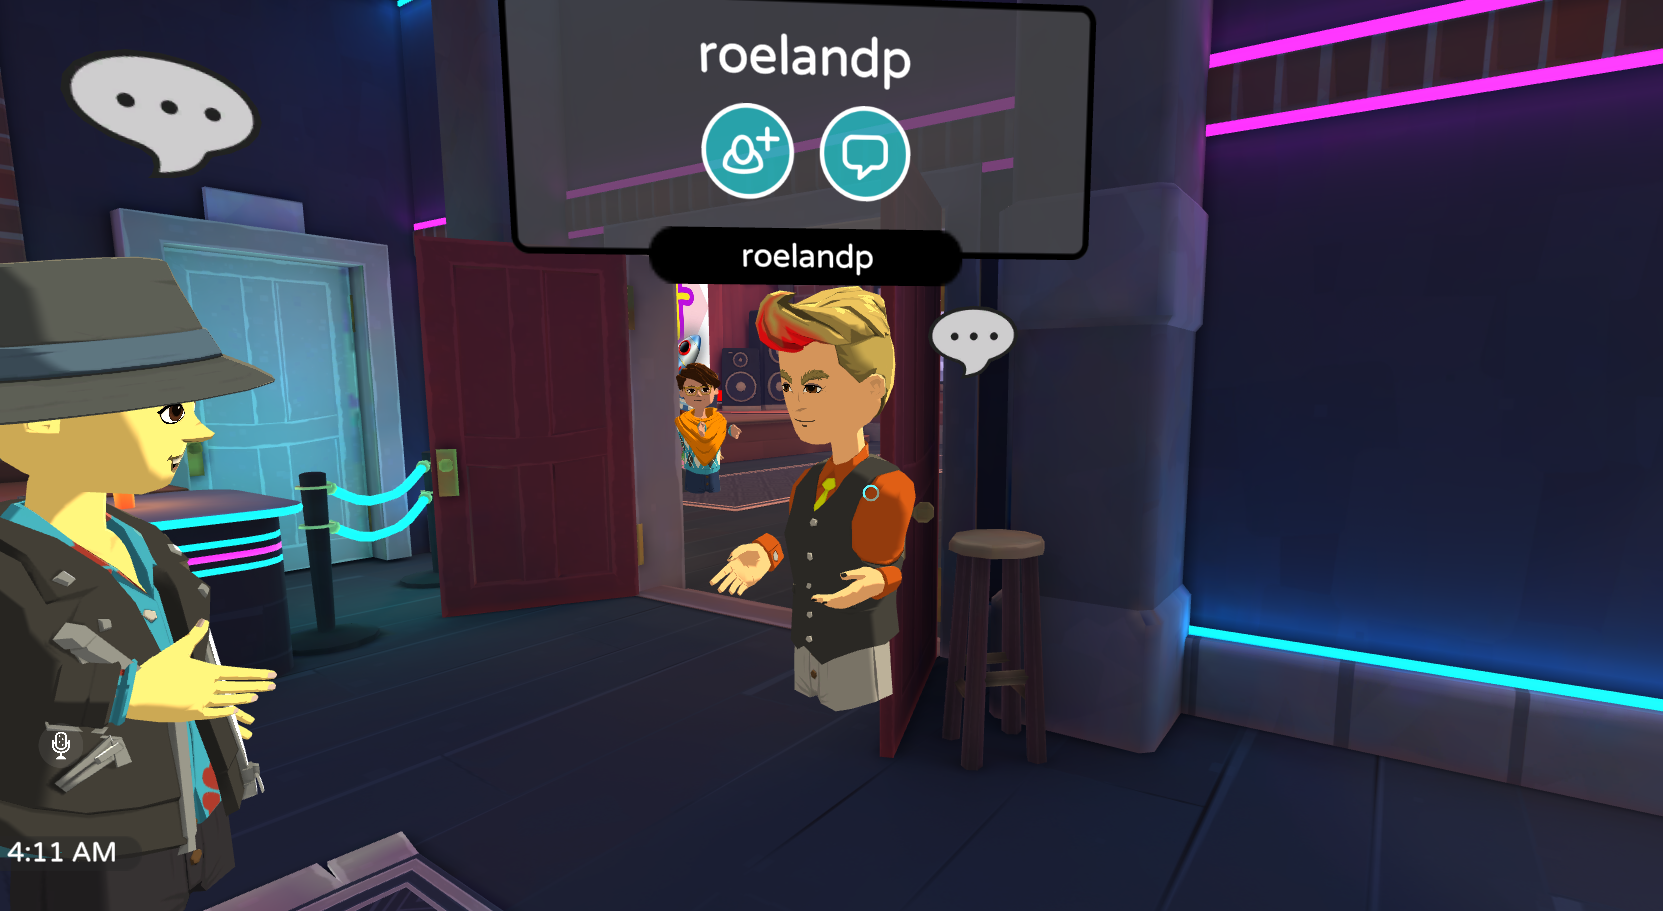 roelandp.png